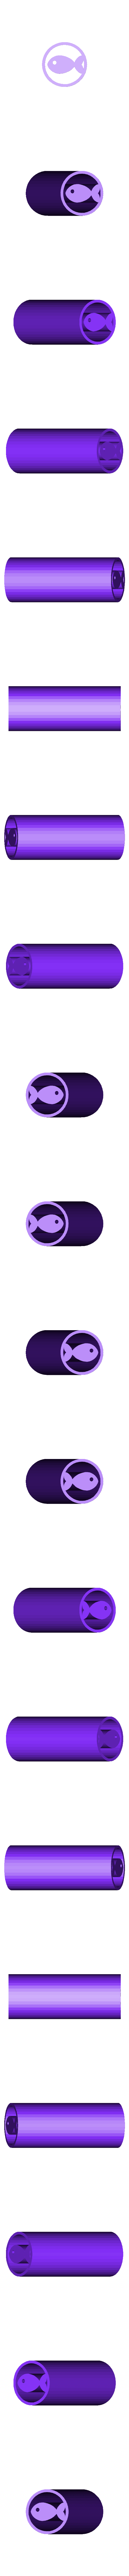 pez.STL Télécharger fichier STL 36 CONSEILS SUR LES FILTRES À MAUVAISES HERBES VOL.1+2+3+4 • Design pour impression 3D, SnakeCreations